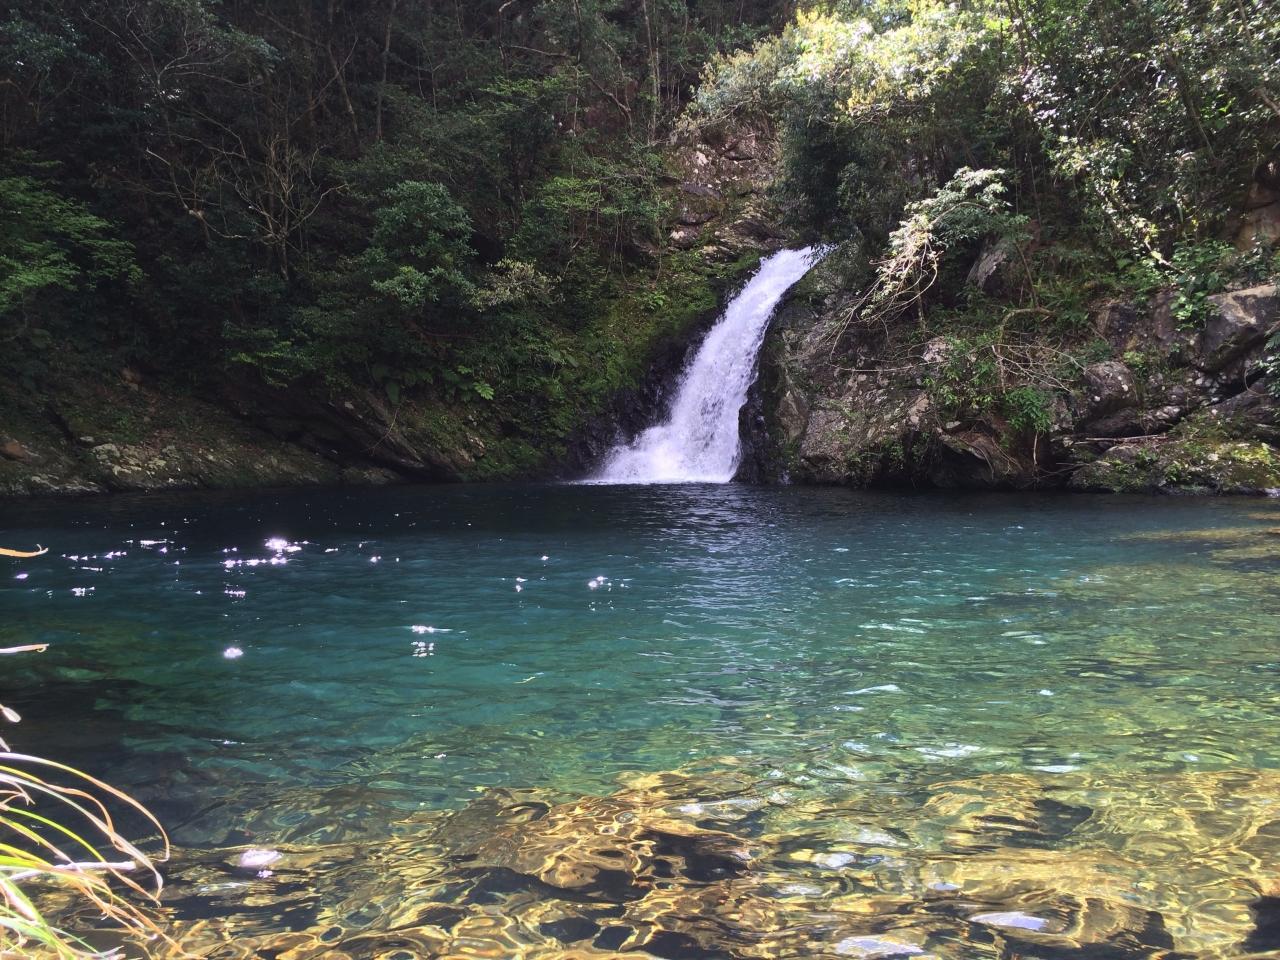 奄美大島の奄美フォレストポリス (マテリヤの滝)